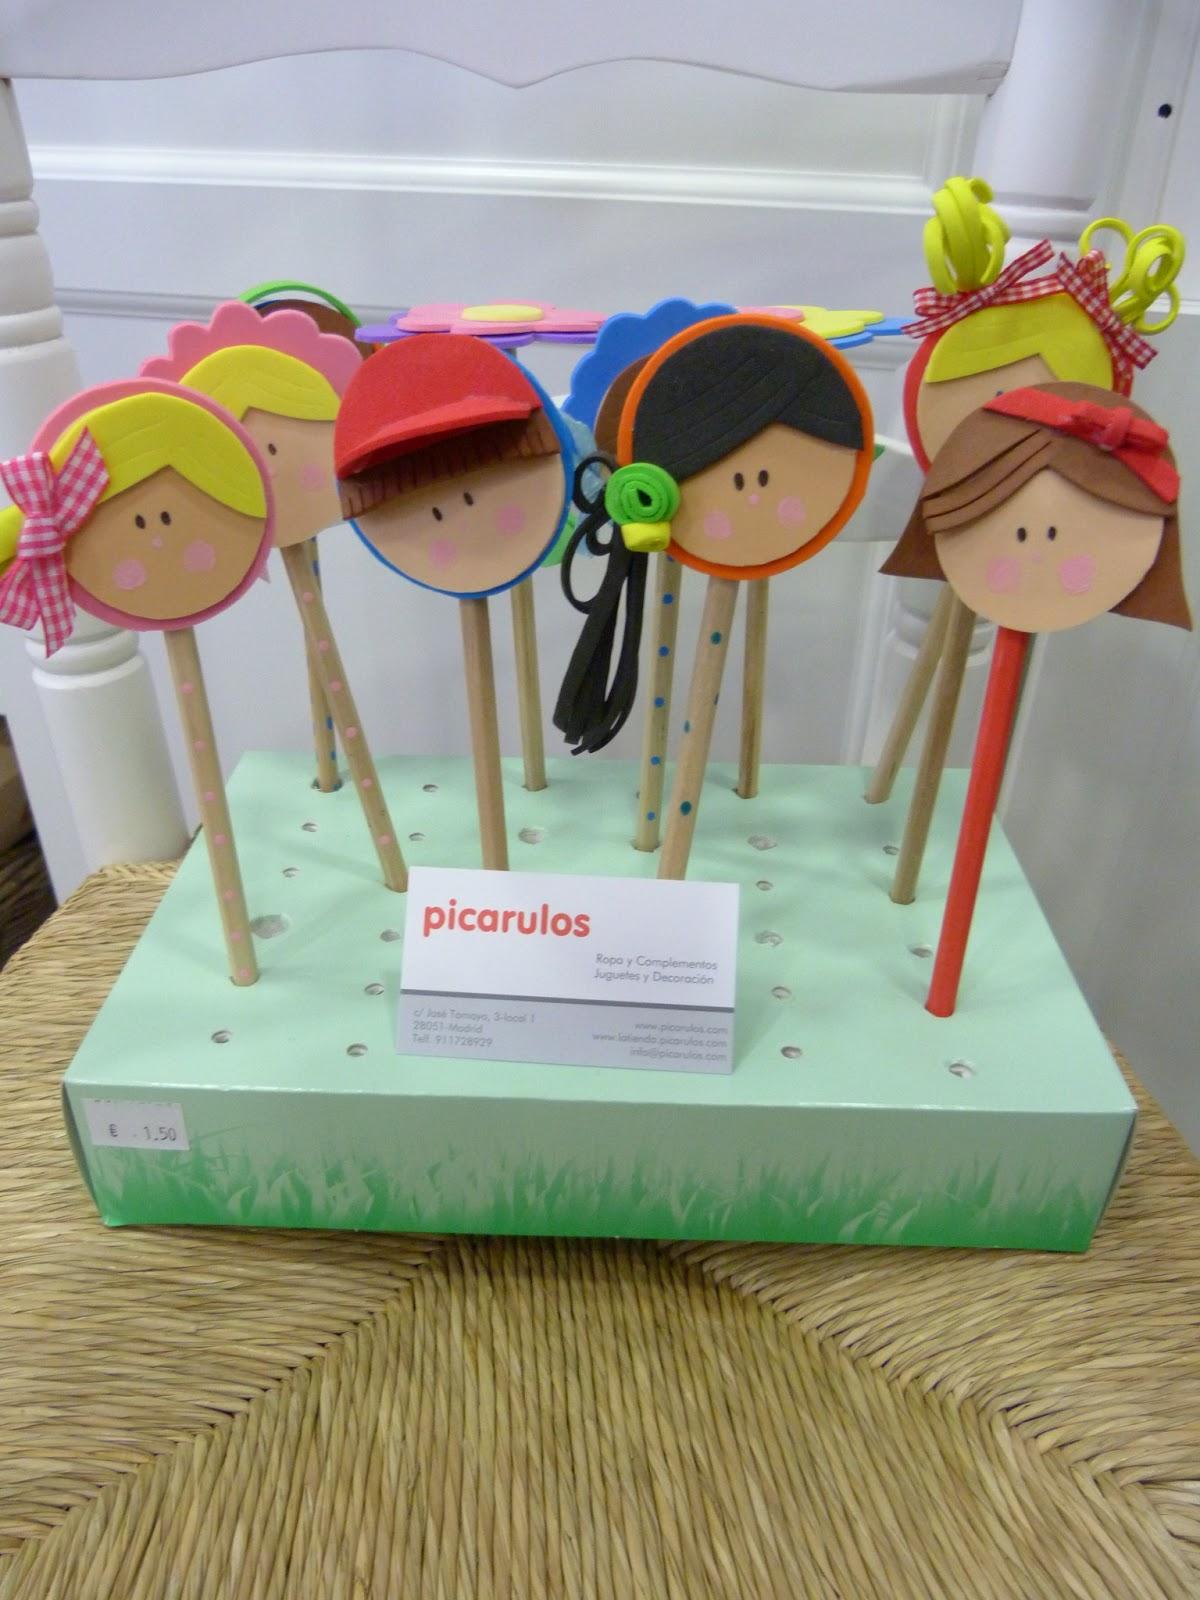 Picarulos lapiceros personalizados for Lapiceros reciclados manualidades